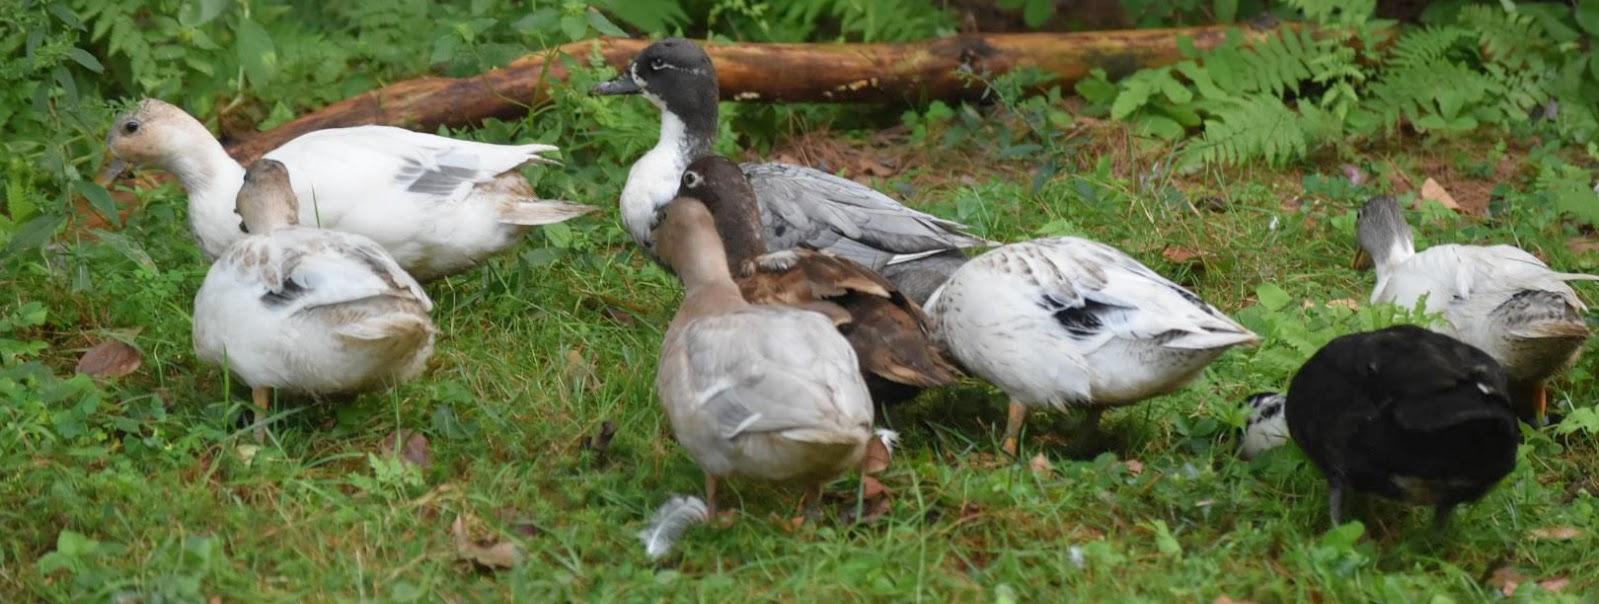 duck cover.JPG